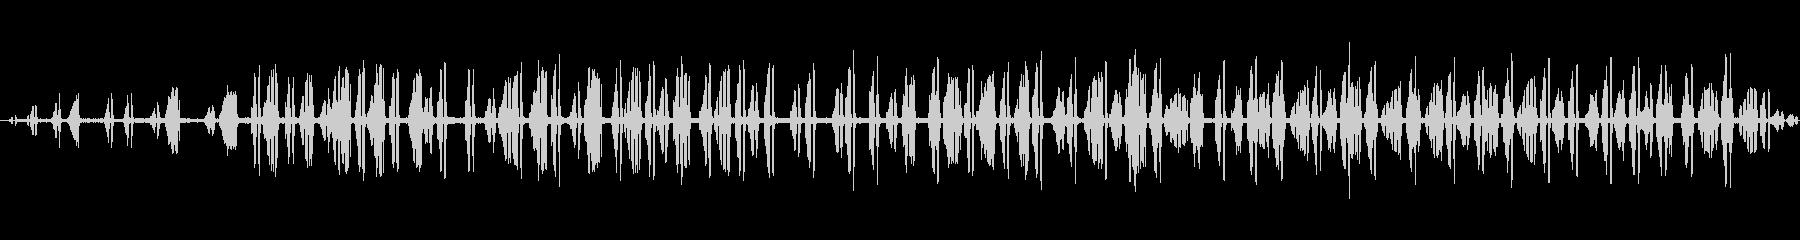 2-3カエルの鳴き声、動物、両生類...の未再生の波形